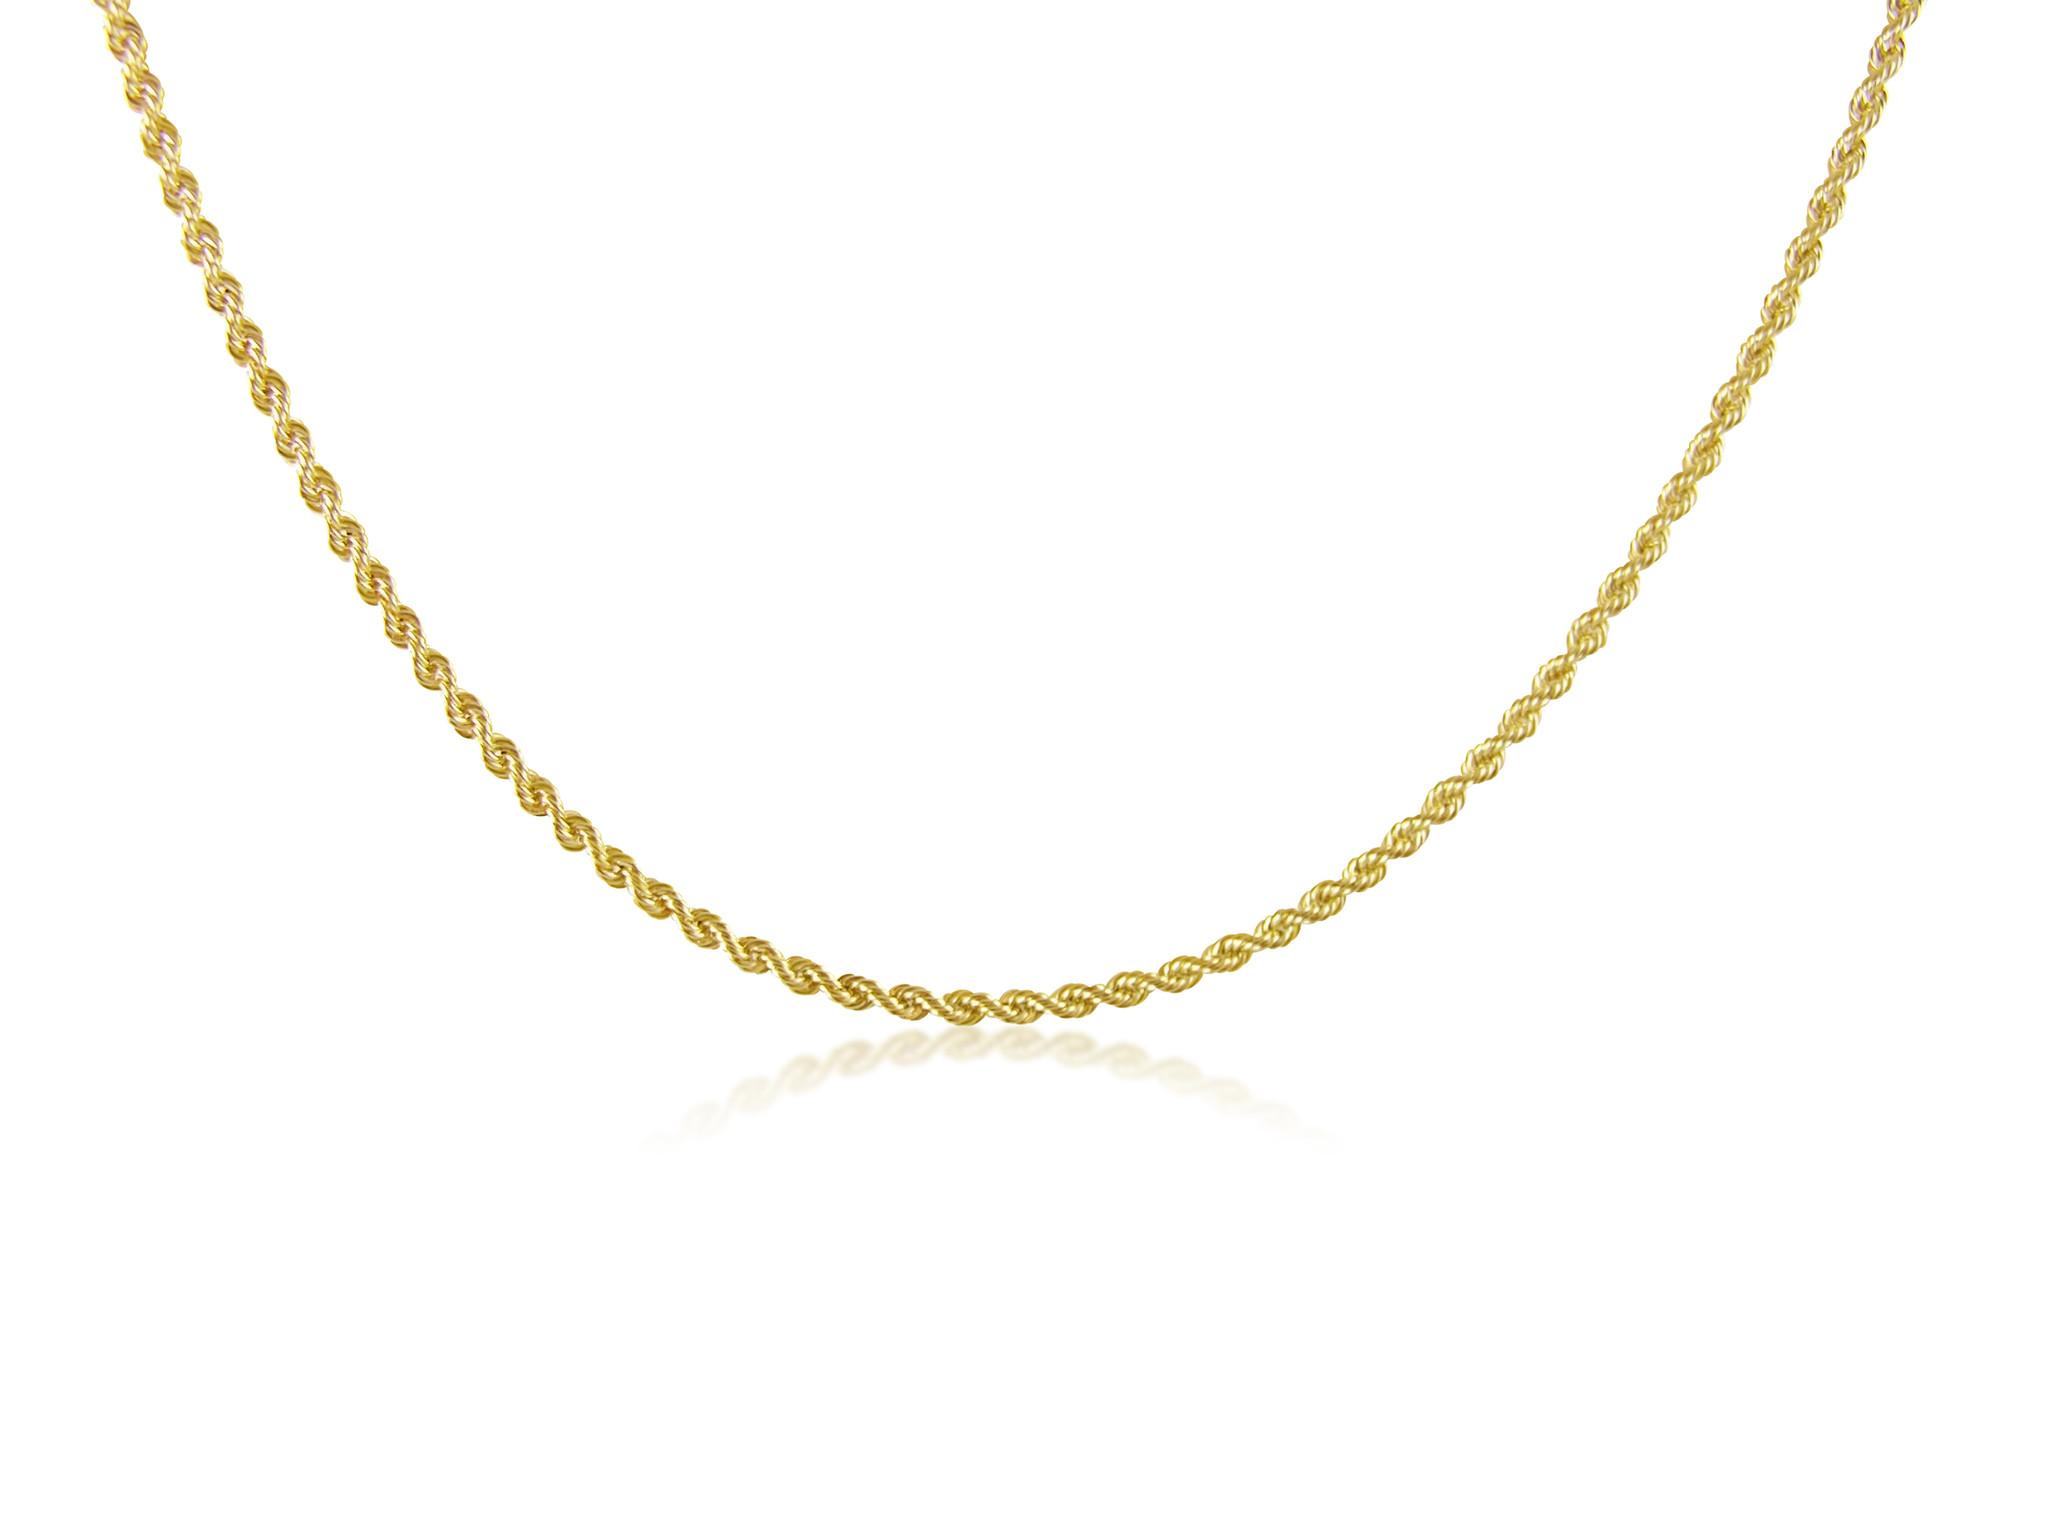 18 karat yellow gold rope chain